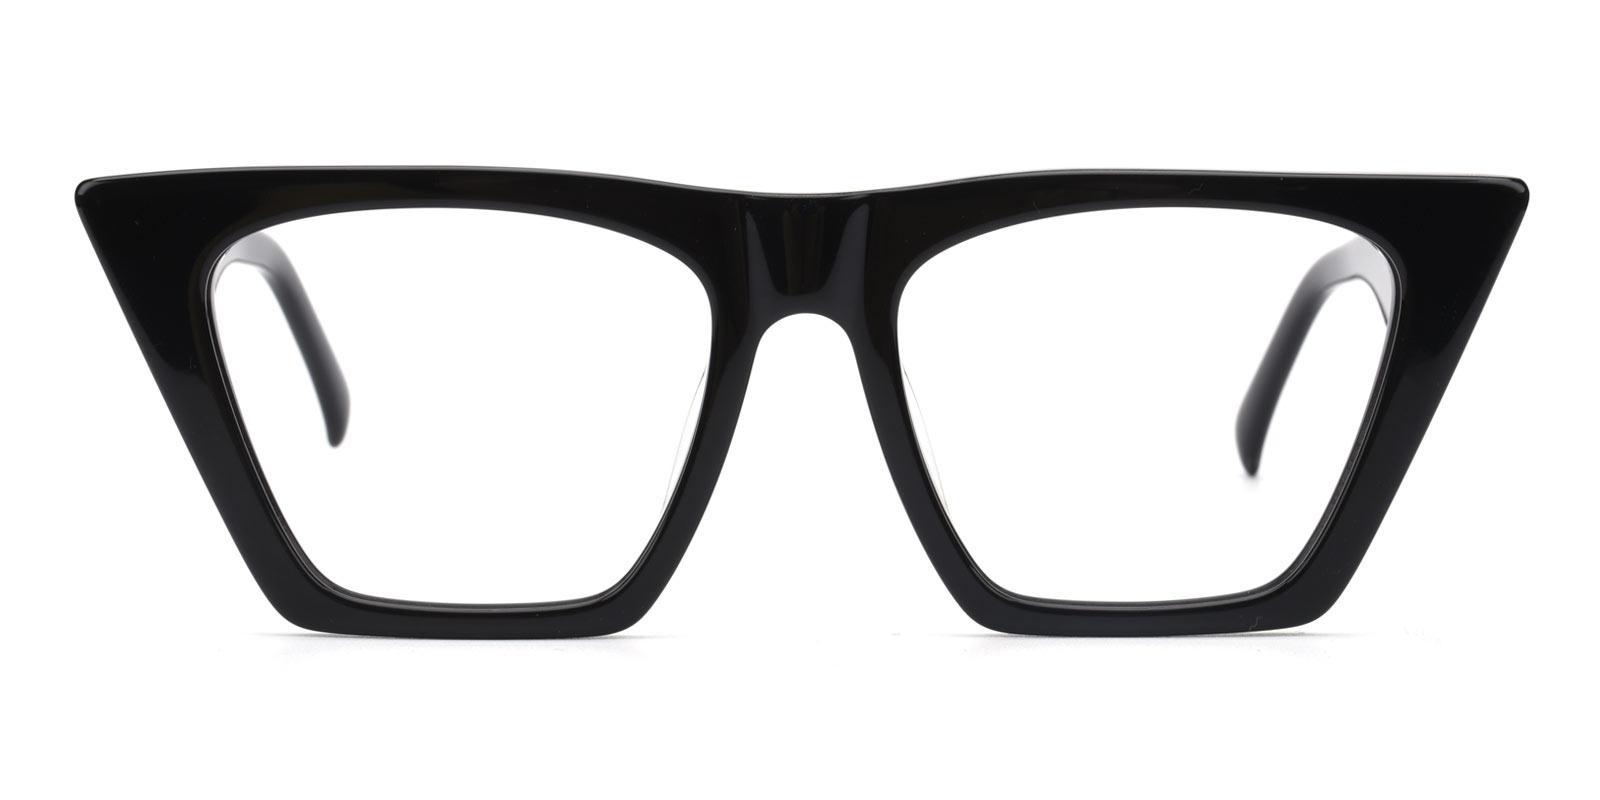 Alva-Black-Cat-Acetate-Eyeglasses-additional2